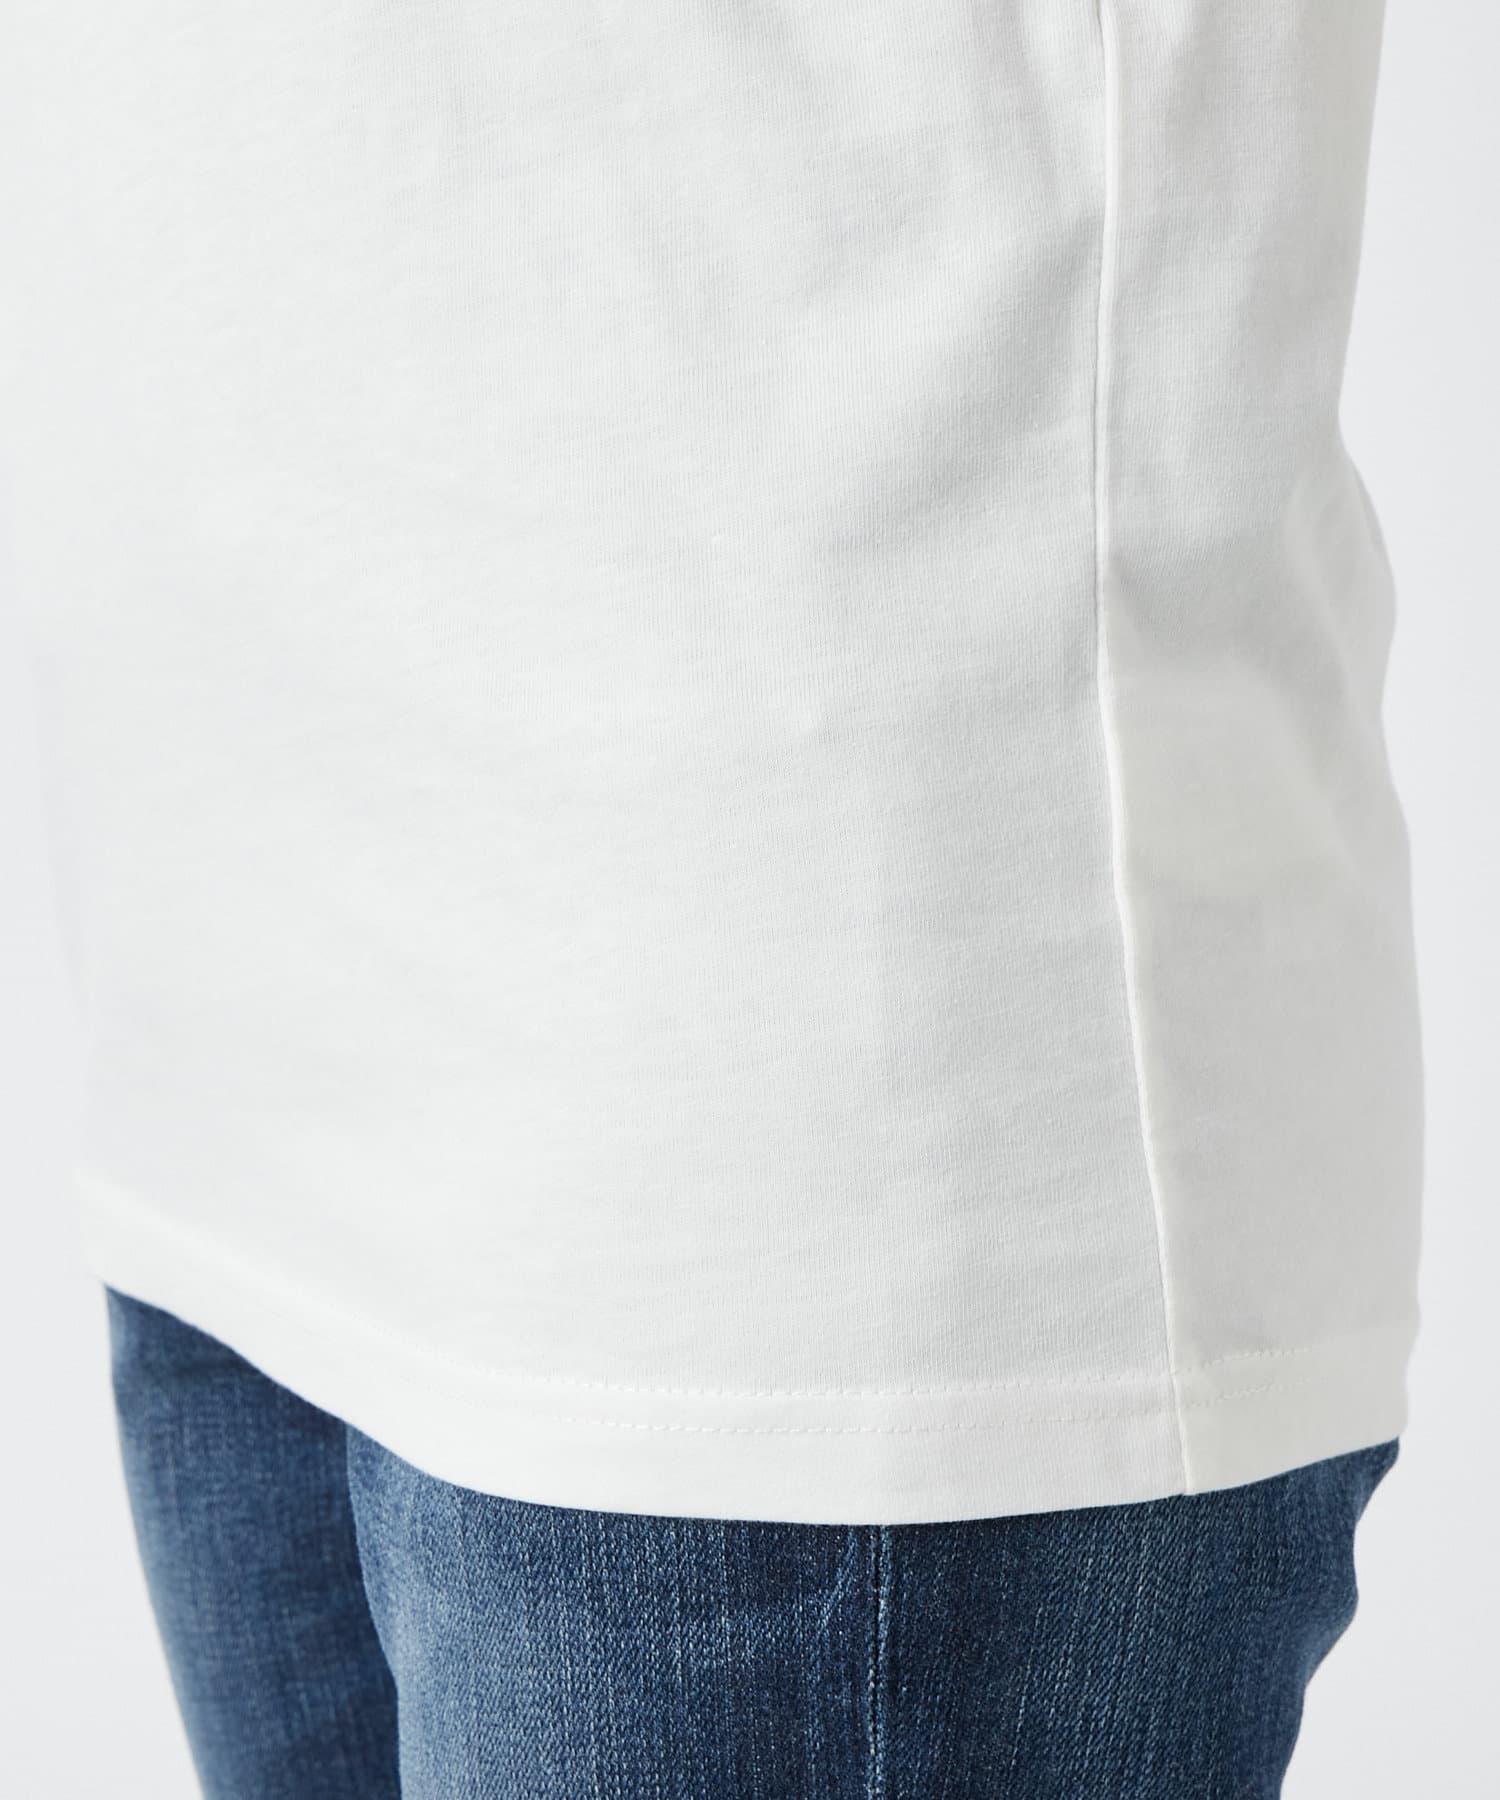 La boutique BonBon(ラブティックボンボン) 【洗える・レプティバジックス】Pourquoi pas? Tシャツ